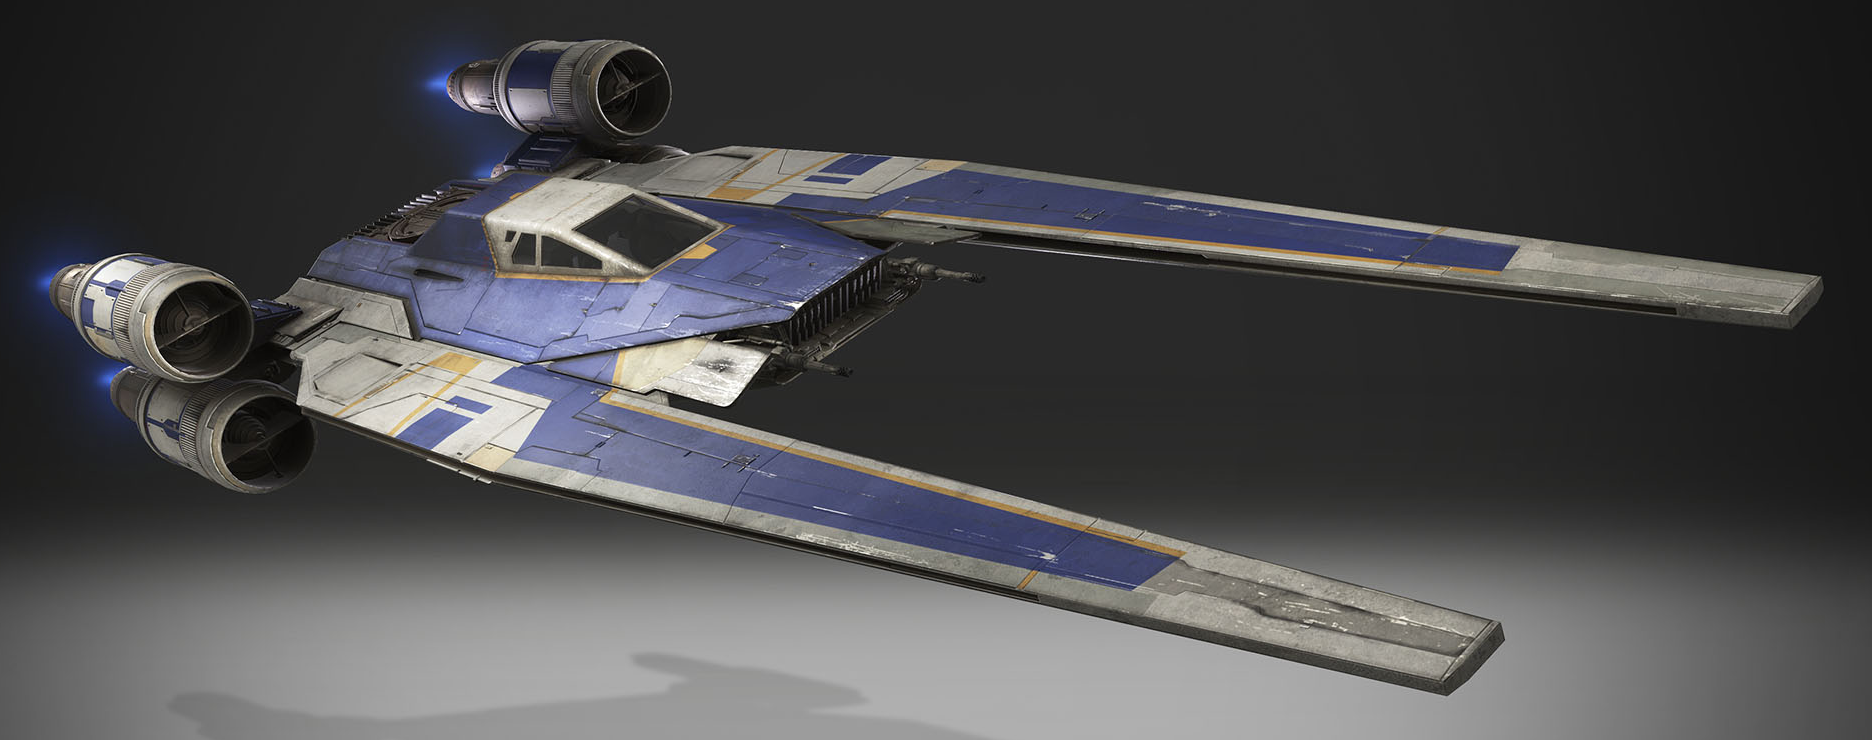 Звёздный истребитель/судно поддержки UT-60D «U-wing»